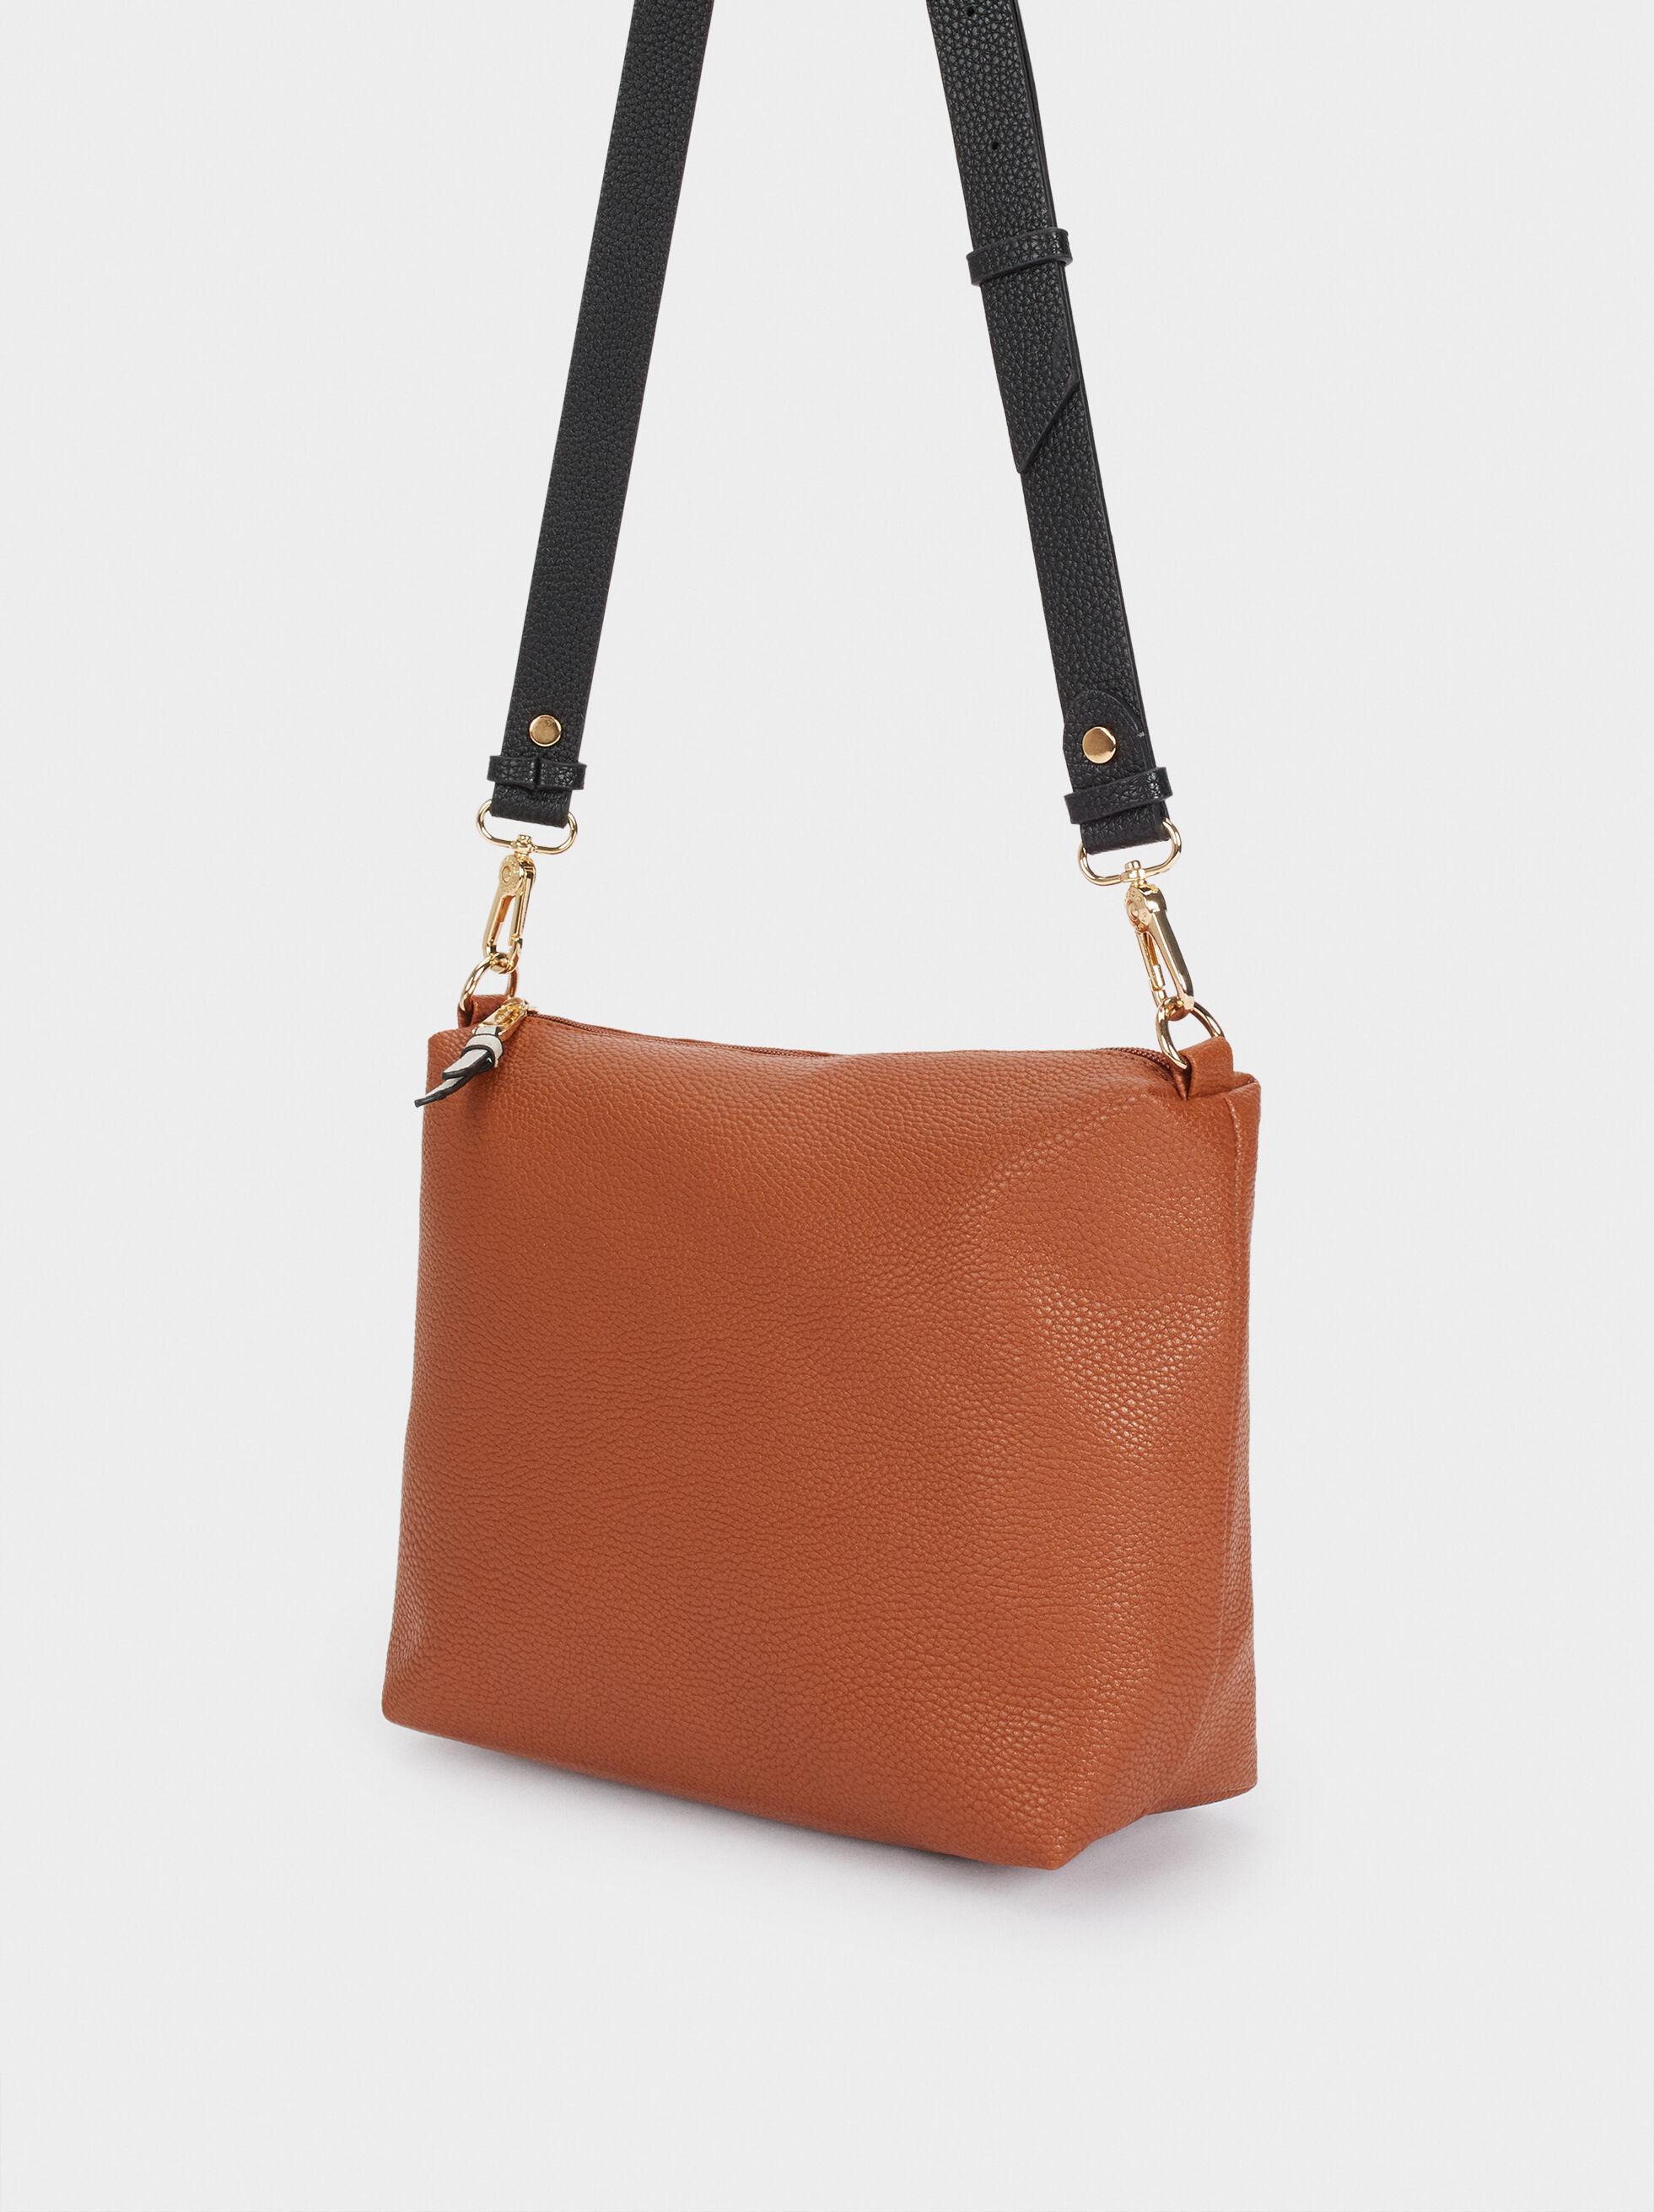 Bolso Shopper Reversible Con Interior Extraible, Camel, hi-res